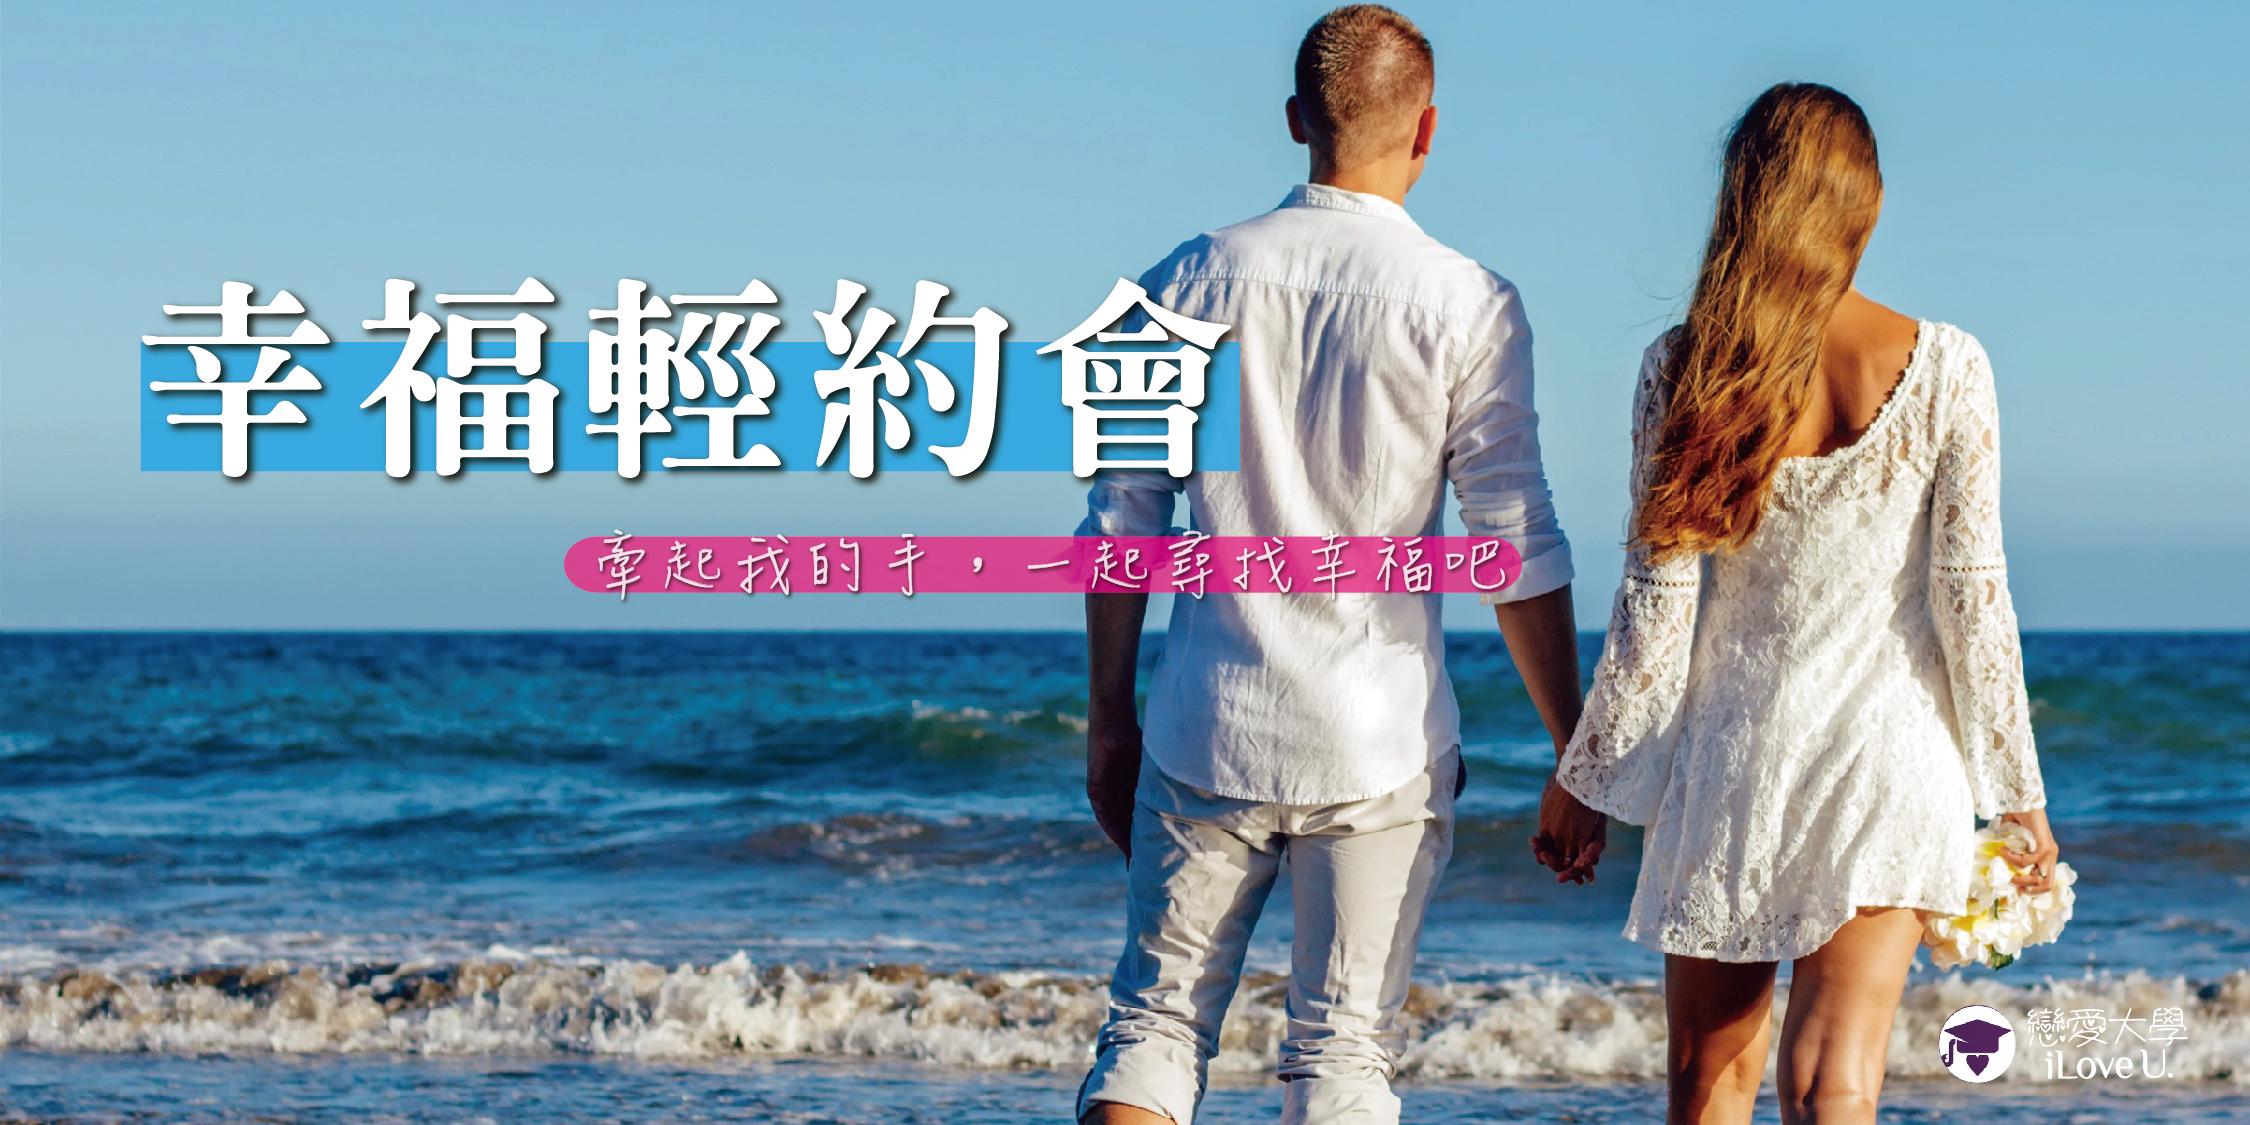 ❤戀愛大學❤8/13 (日)【幸福輕約會】